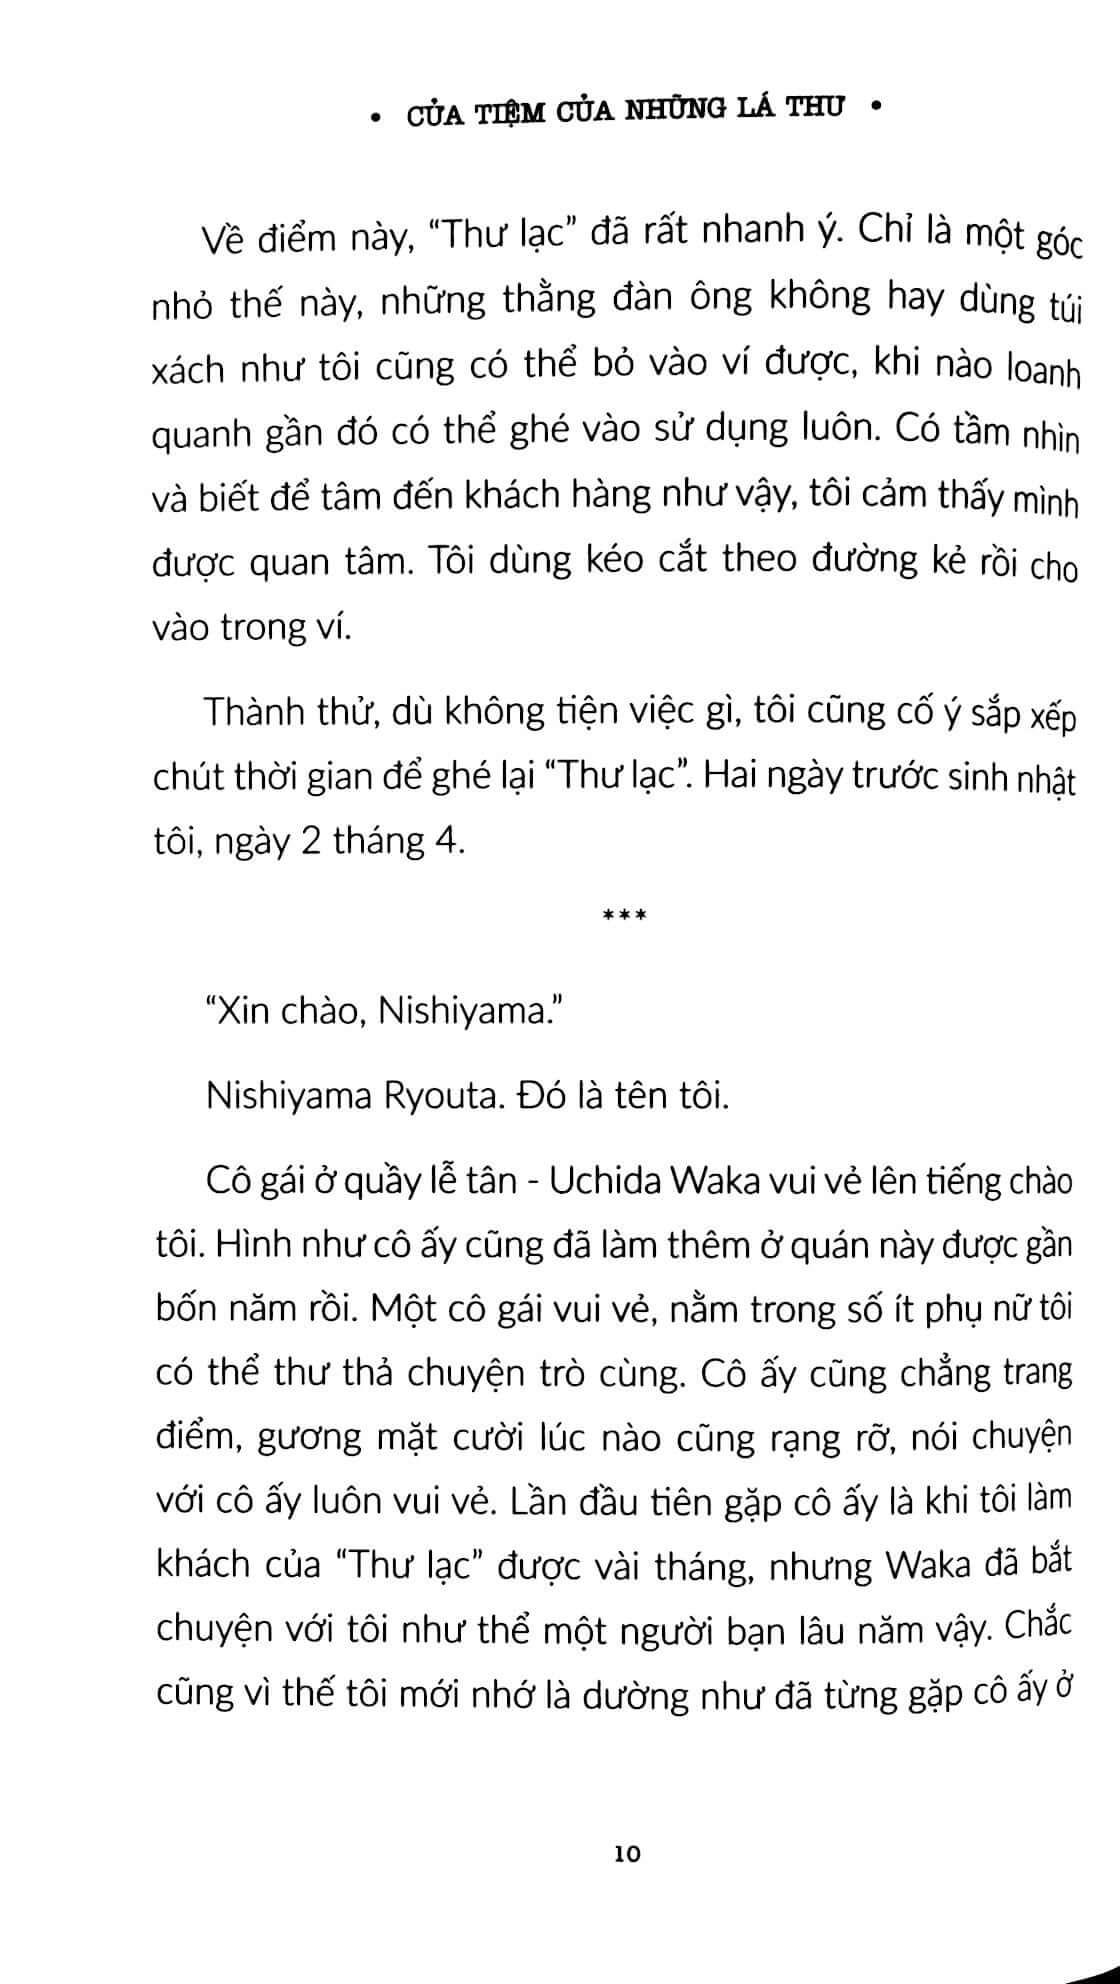 Trích đoạn Tiệm Thư Lạc 8 trong sách Cửa Tiệm Của Những Lá Thư - Yasushi Kitagawa